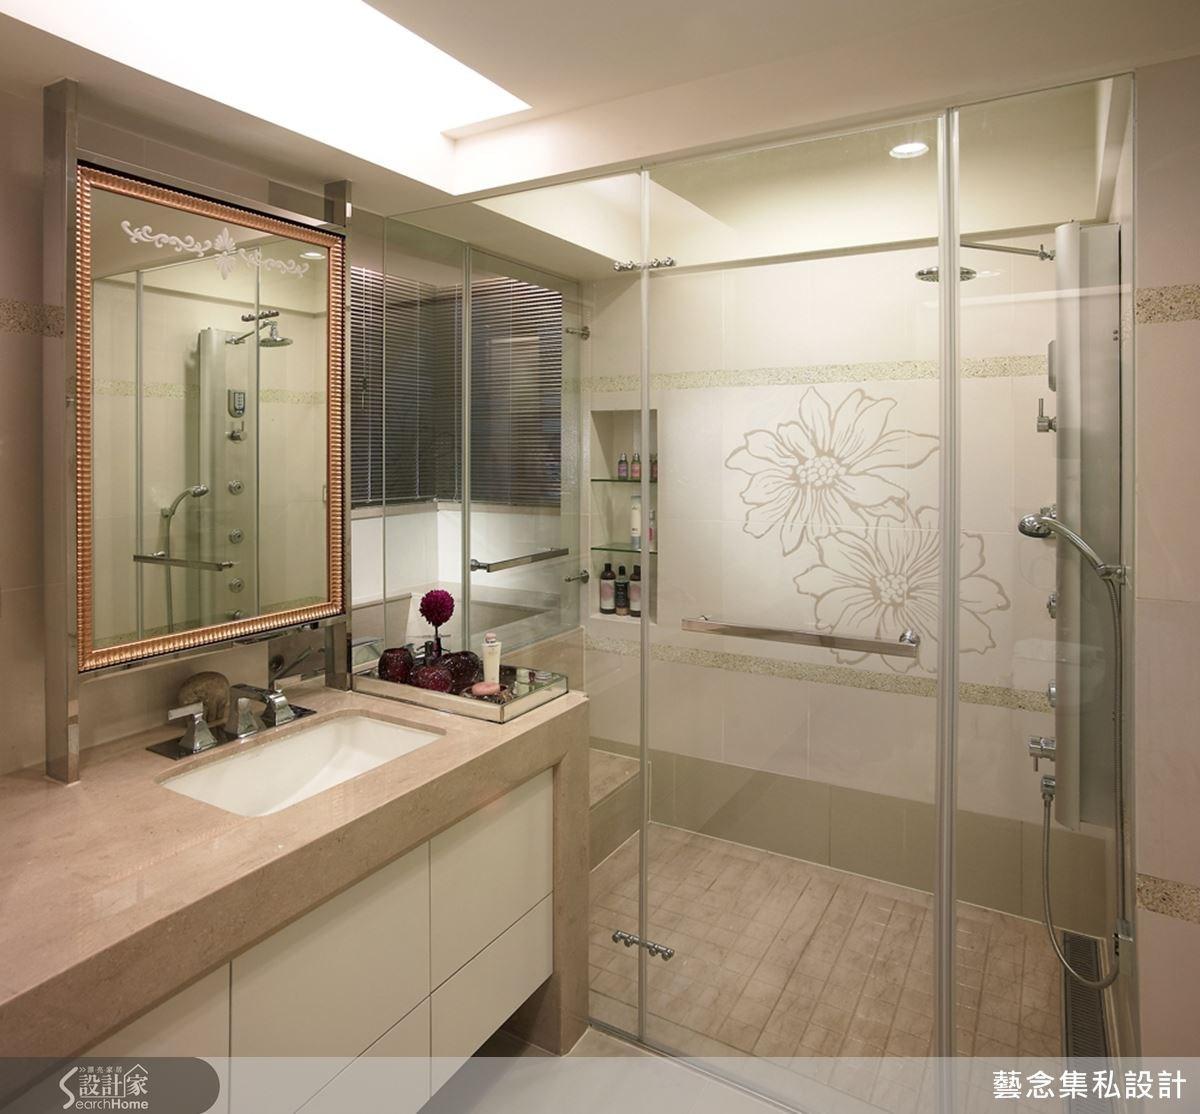 規劃後的主臥衛浴結合了乾濕分離的設計,在家也能享有頂級飯店般的沐浴享受。